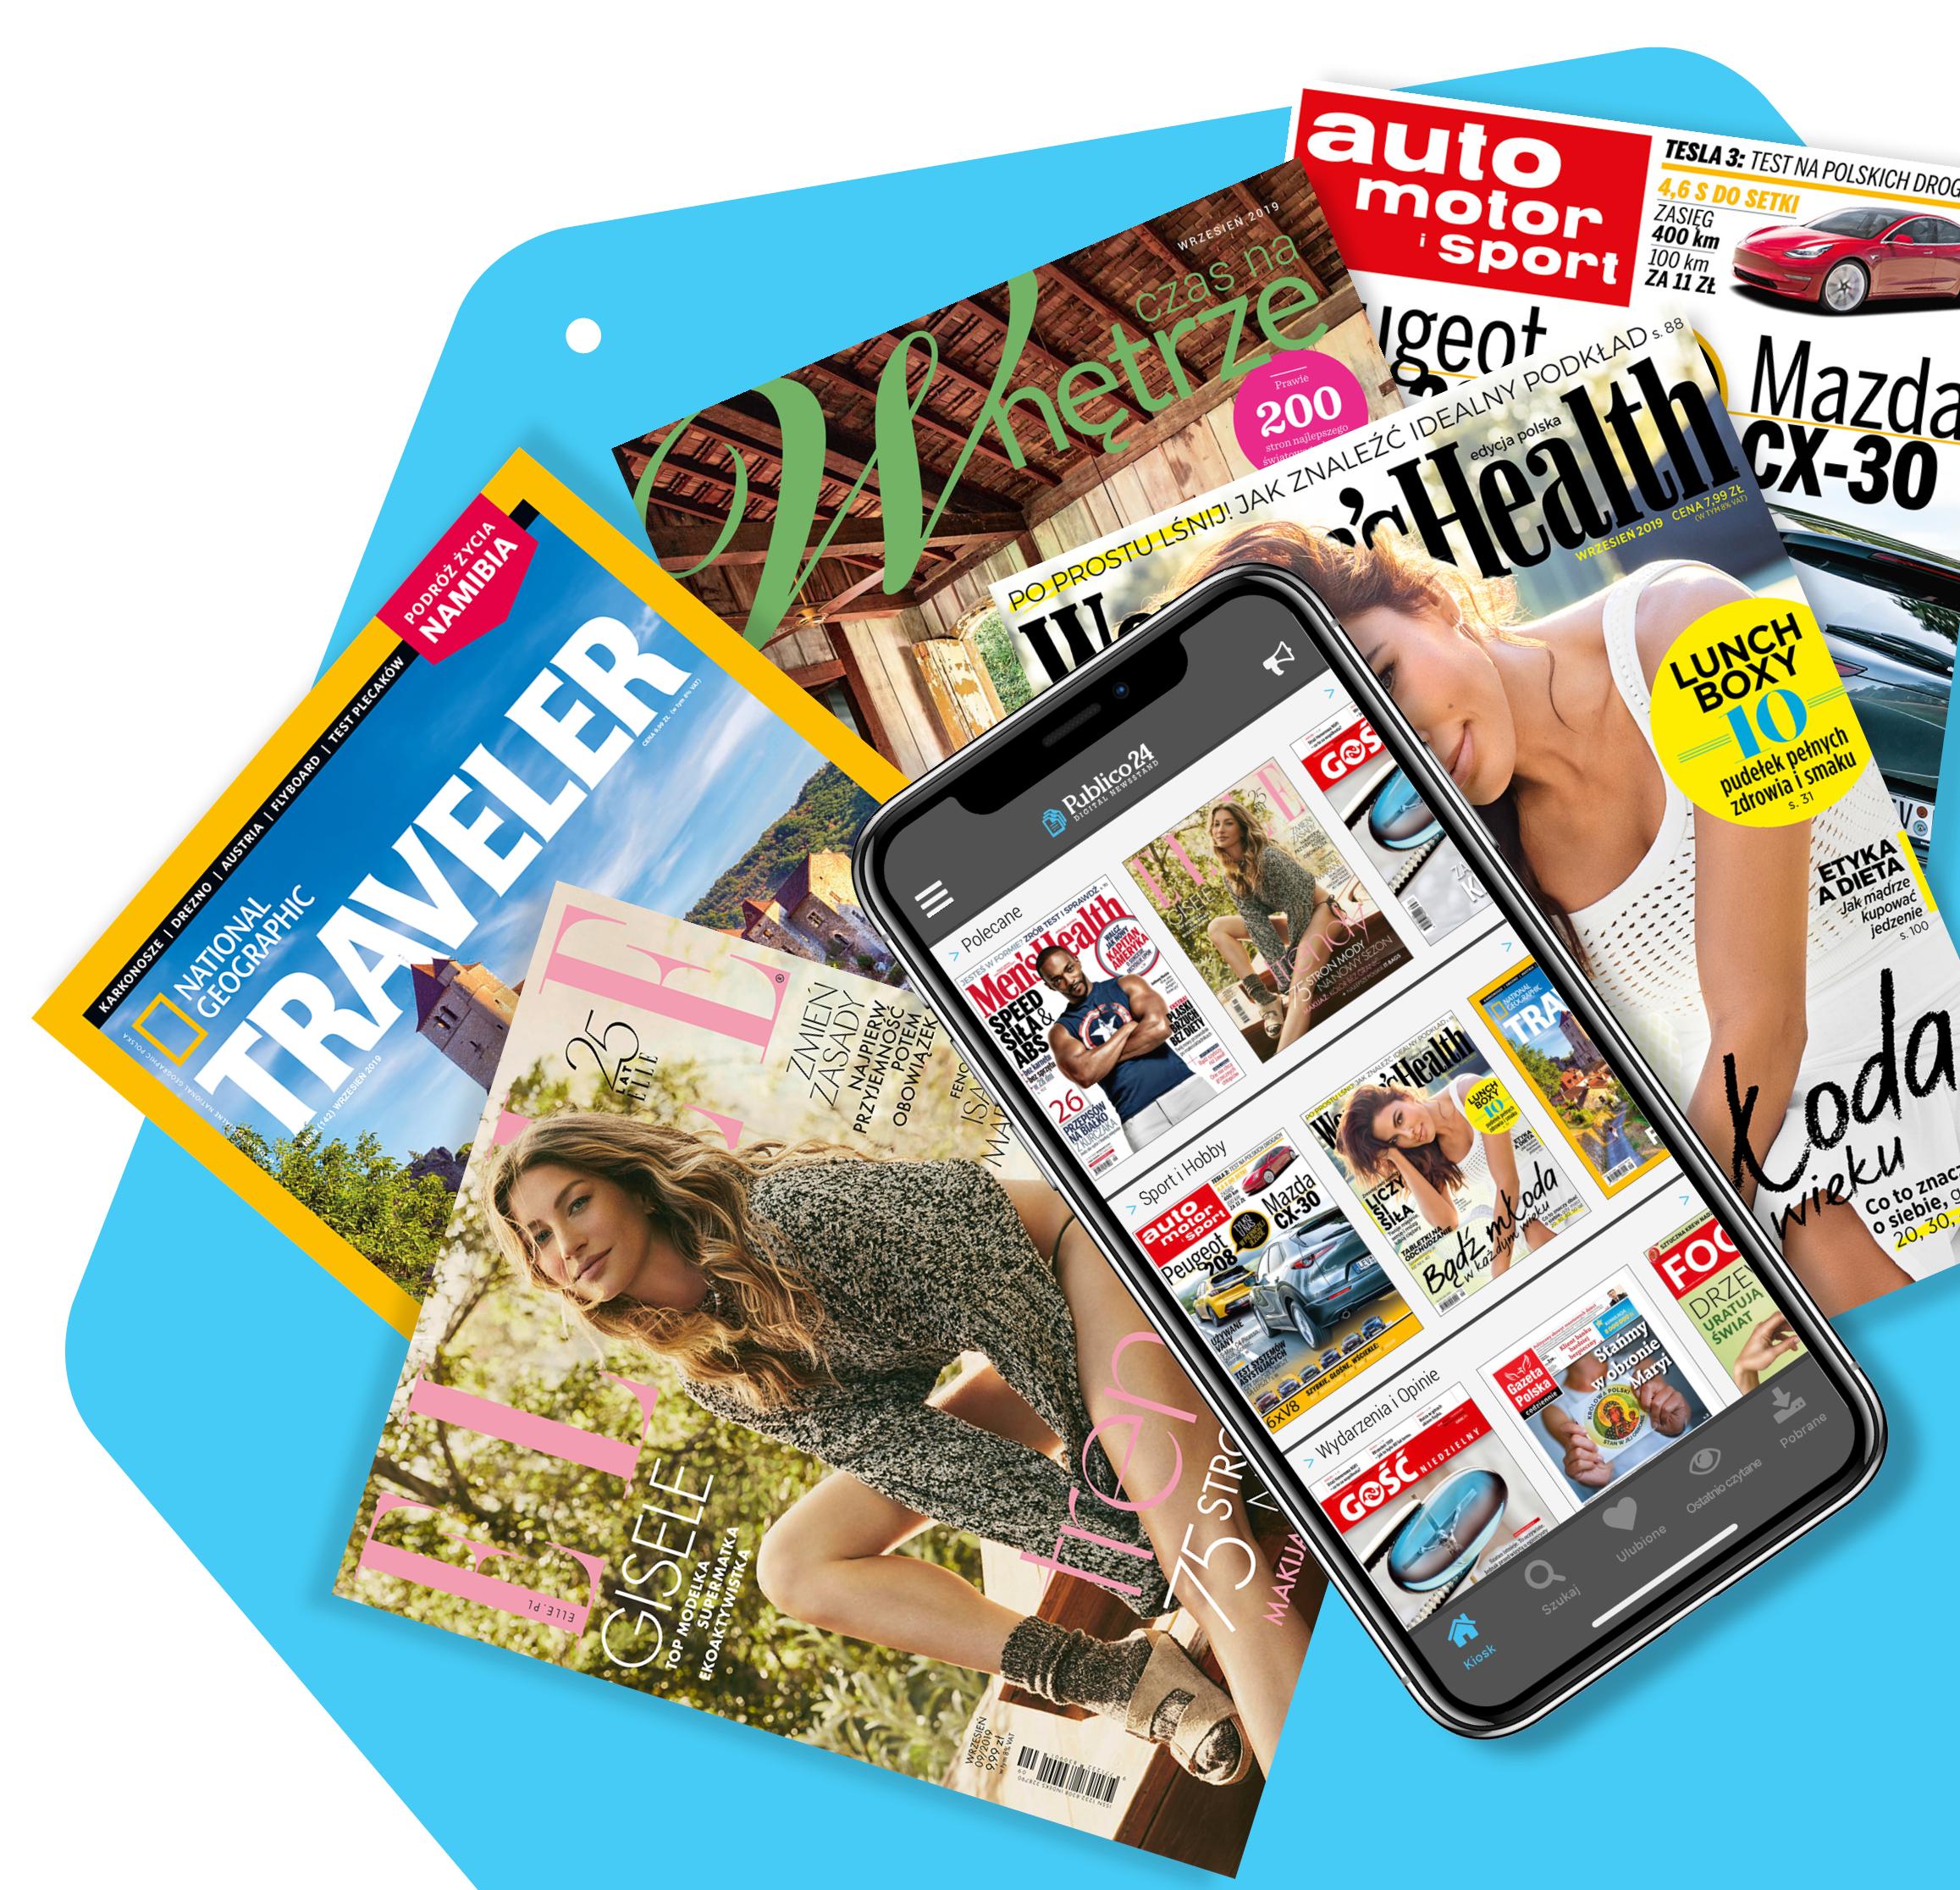 Publico24, darmowe 14 dni + dodatkowe 14 dni. Wirtualny kiosk. Dostęp do czasopism za darmo. #WAKACJE2020